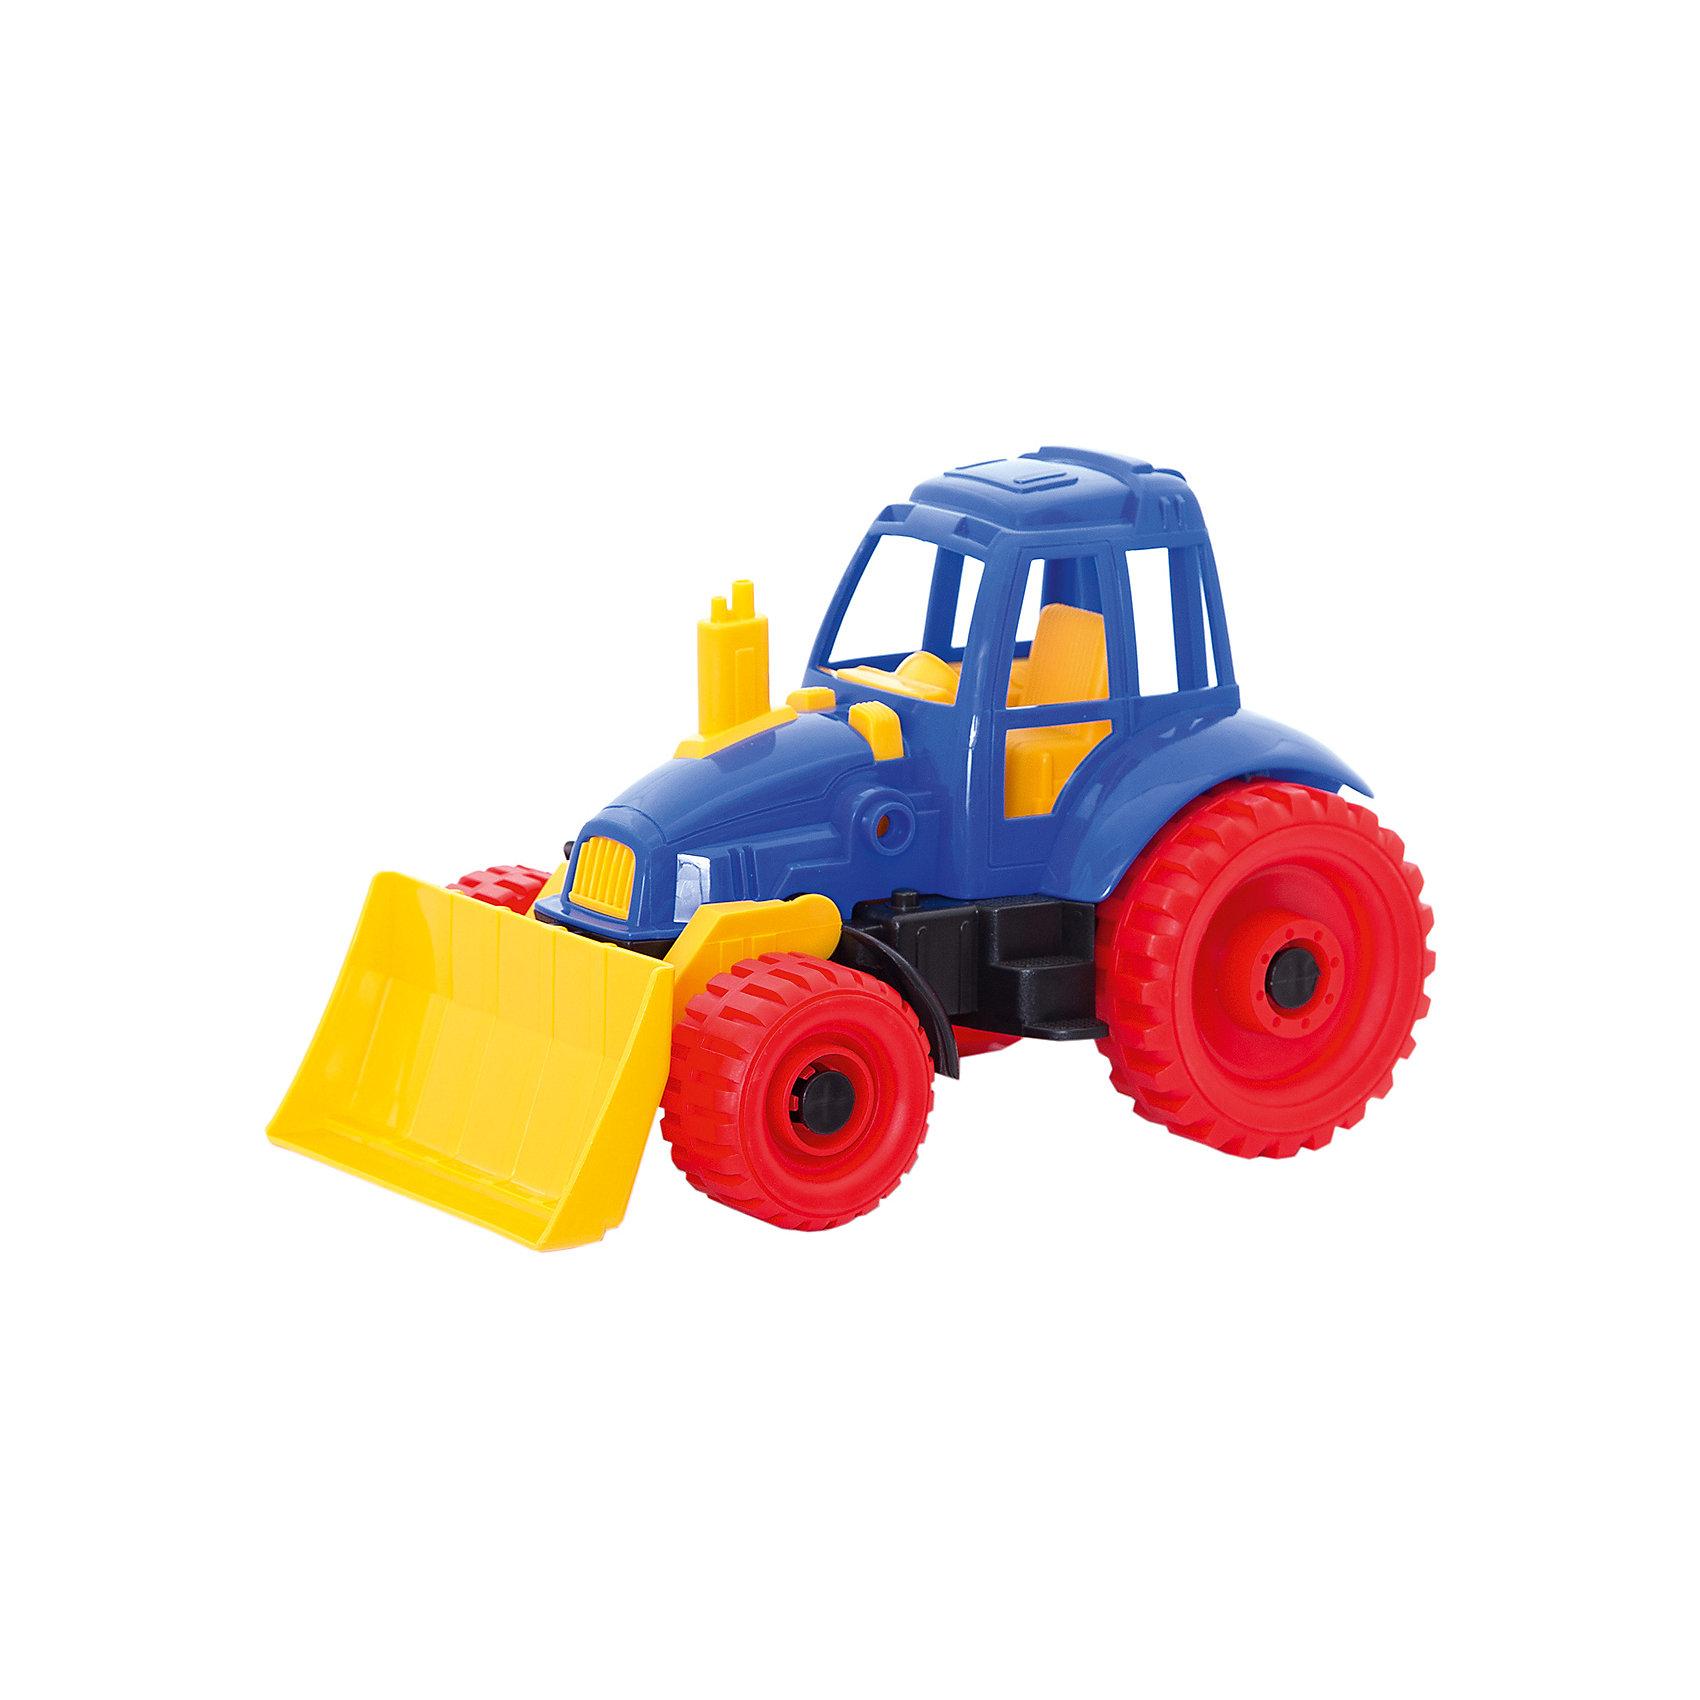 Трактор с грейдером, НордпластТрактор с грейдером, Нордпласт – это пластмассовая машина, которой интересно будет играть вашему мальчику.<br>Надежный, крепкий и красочный трактор с грейдером и крутящимися колесами от компании Нордпласт отлично подойдет ребенку для различных игр дома, в детском саду или на прогулке. С помощью подвижного грейдера можно собирать песок и производить уборку песочницы или улиц. Кабина с сидением открытая, поэтому в ней можно разместить маленькую фигурку водителя. У трактора впереди - два маленьких, сзади - два больших колеса, которые никогда не увязнут в песке. На переднем и заднем бампере трактора расположены отверстия, к которым можно прикрепить прицеп или тросик для буксировки. Игрушка изготовлена из высококачественной пищевой пластмассы, без трещин и заусениц, поэтому во время эксплуатации выдержит многие детские шалости. Она покрыта нетоксичной краской, не облупливающейся и не выгорающей на солнце. Товар соответствует требованиям стандарта для детских игрушек и имеет сертификат качества.<br><br>Дополнительная информация:<br><br>- Материал: высококачественная пластмасса<br>- Размер: 17,5х16,5х27,5 см.<br>- Вес: 420 гр.<br><br>Трактор с грейдером, Нордпласт можно купить в нашем интернет-магазине.<br><br>Ширина мм: 280<br>Глубина мм: 170<br>Высота мм: 180<br>Вес г: 420<br>Возраст от месяцев: 24<br>Возраст до месяцев: 60<br>Пол: Мужской<br>Возраст: Детский<br>SKU: 4060316